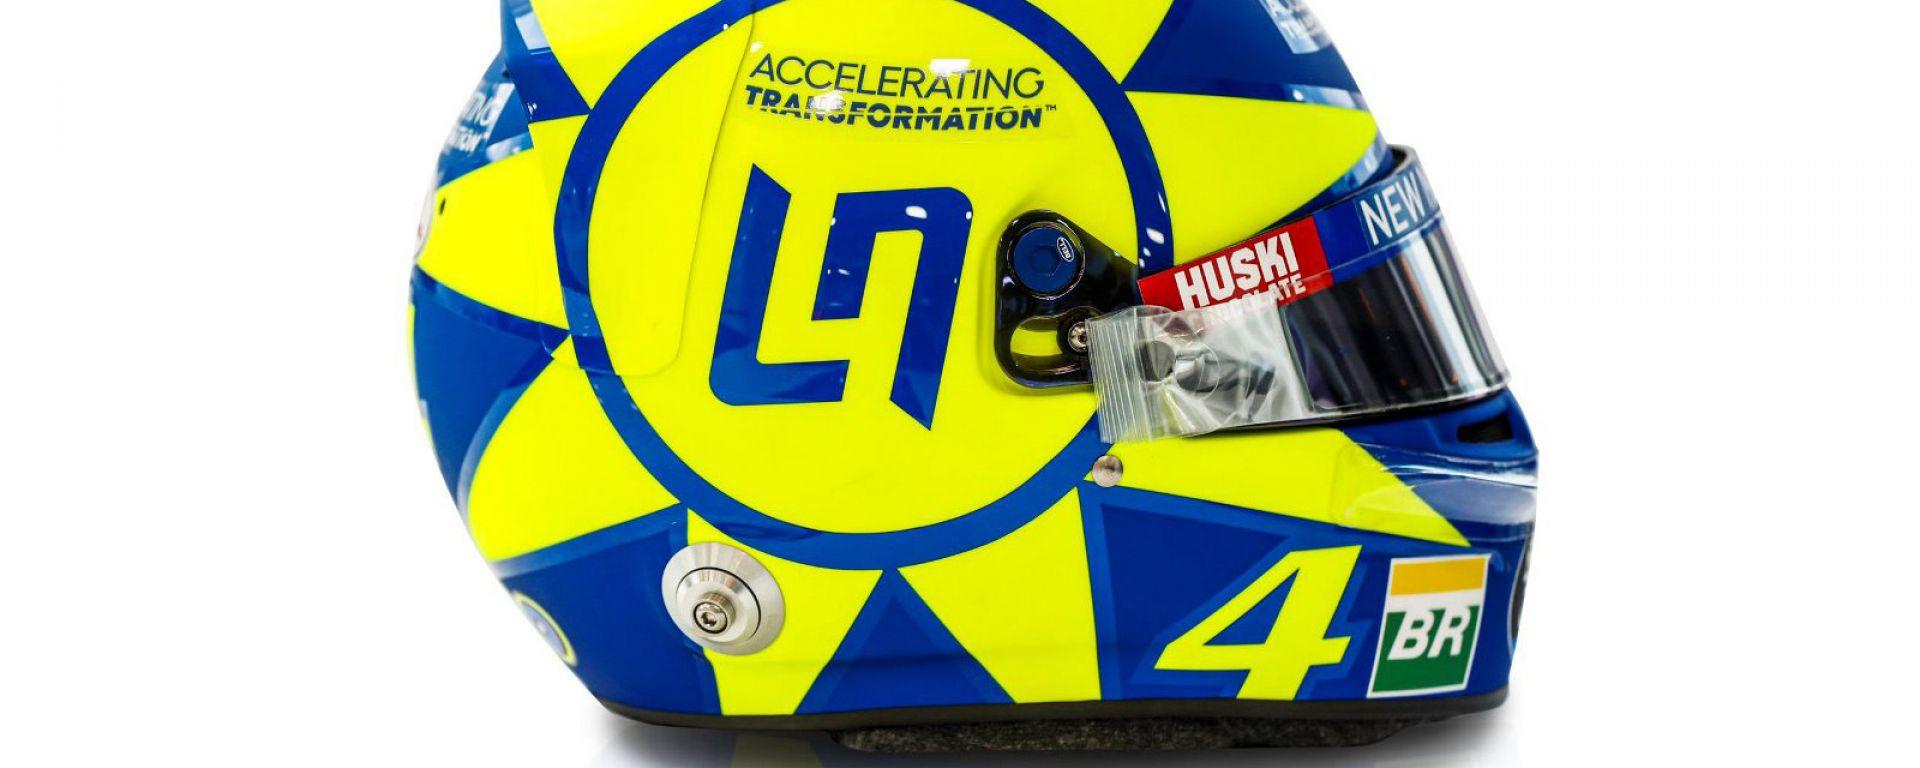 F1 GP Italia 2019, Monza: il casco di Lando Norris (McLaren) dedicato a Valentino Rossi. Vista laterale